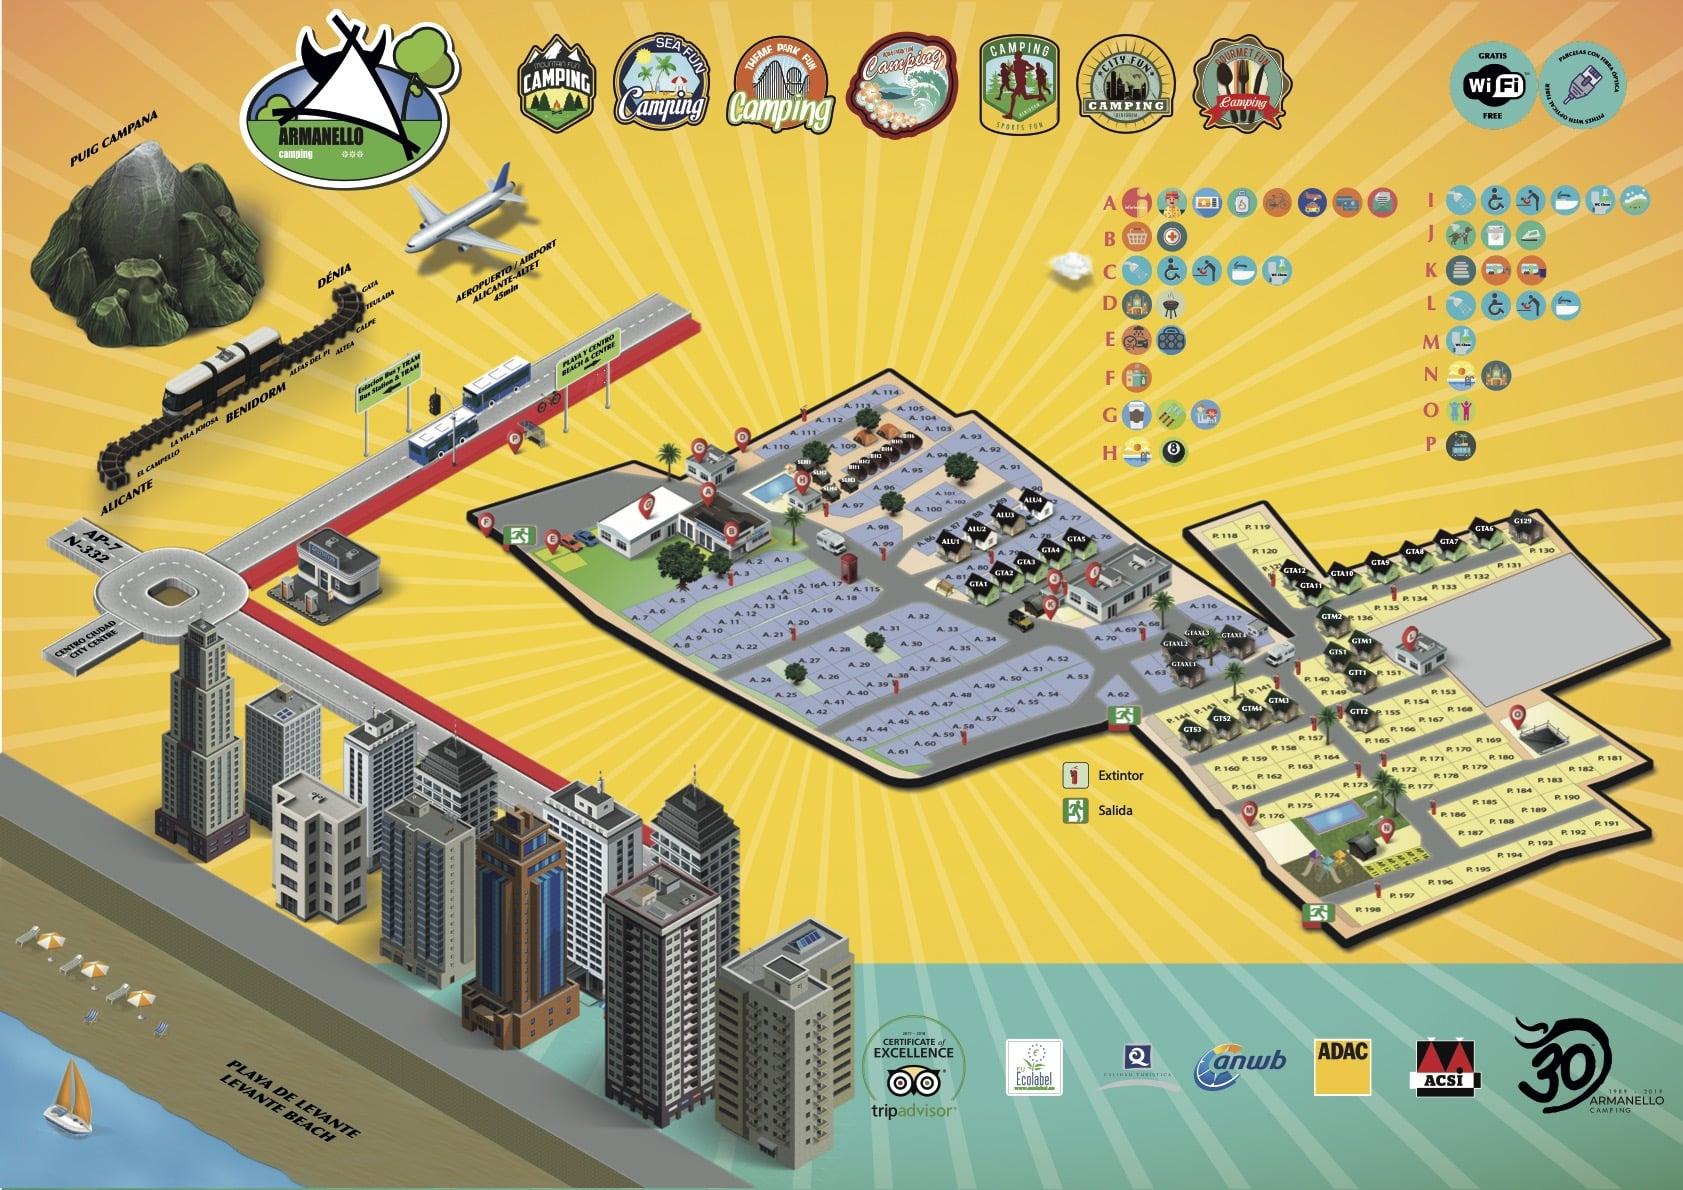 Plano o mapa de camping armanello en benidorm (alicante)